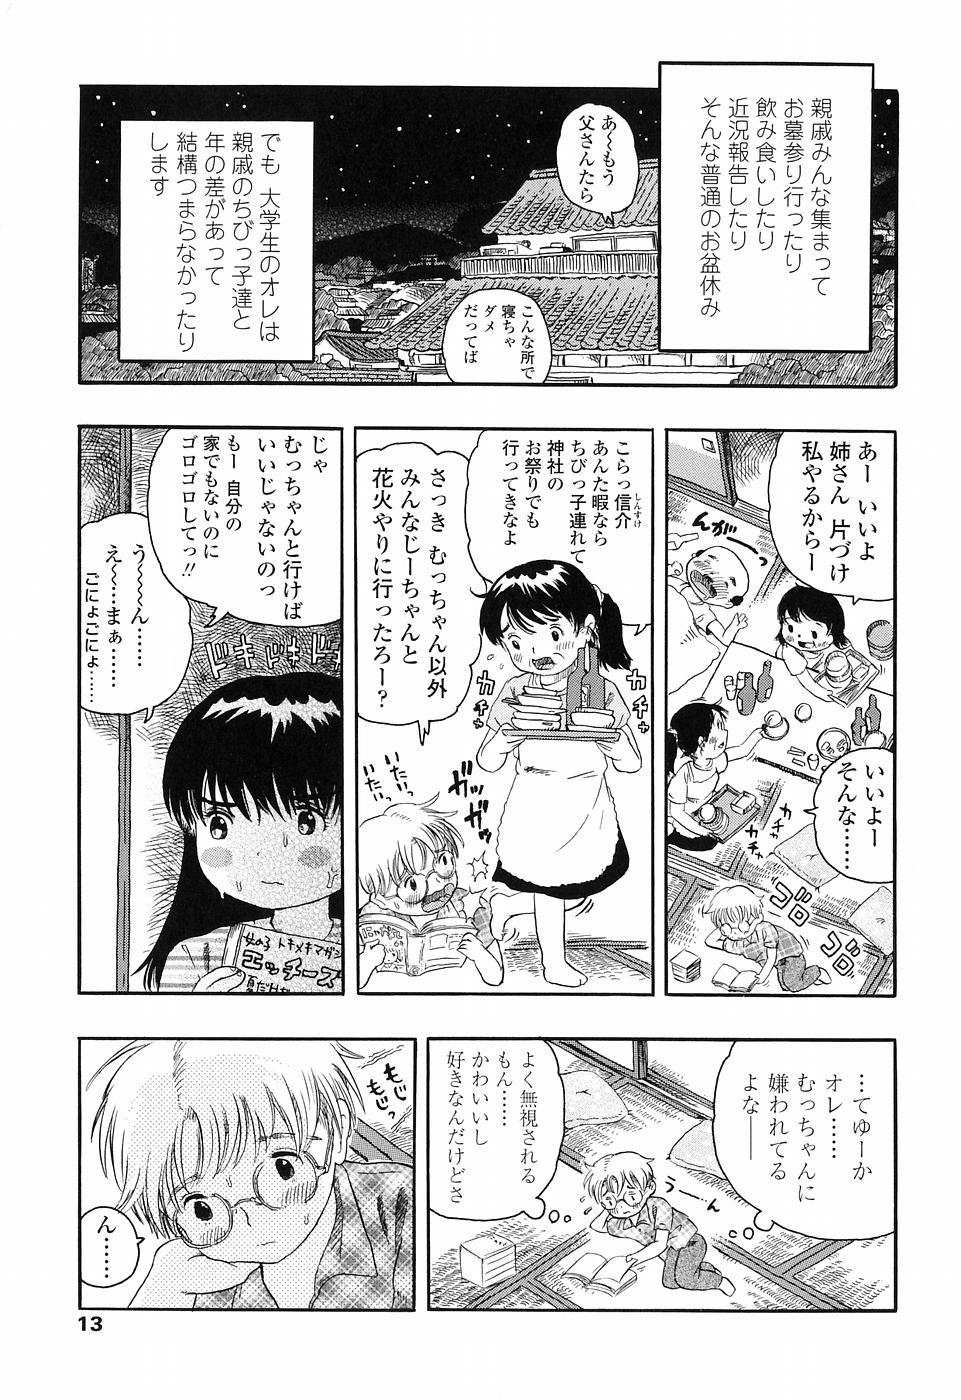 Koisuru Fukurami 14